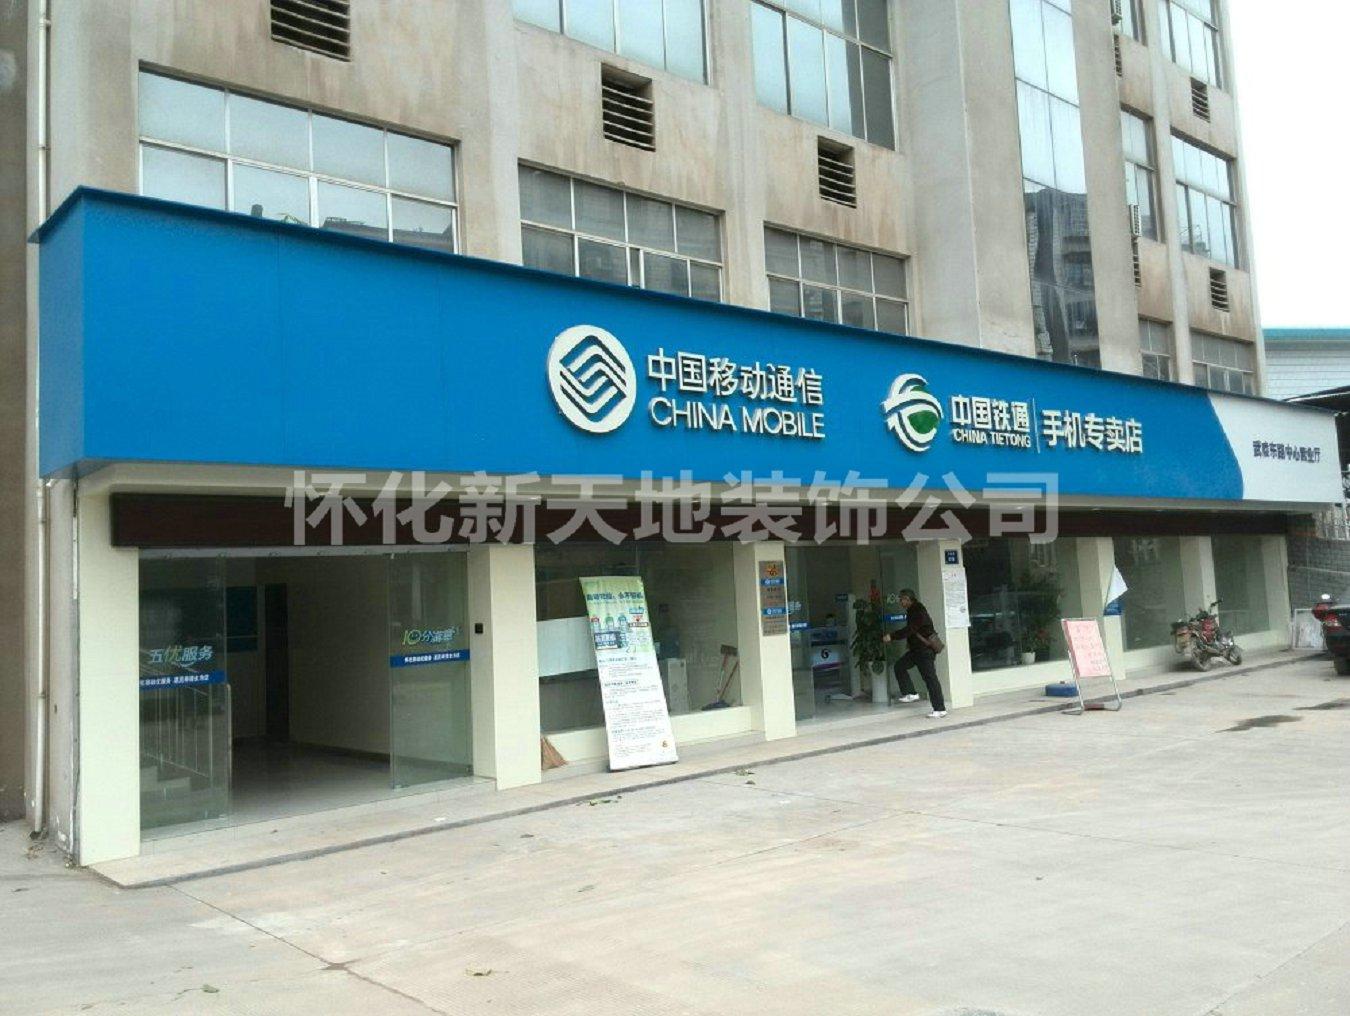 龙8国际备用网站移动各县市办公营业厅装修